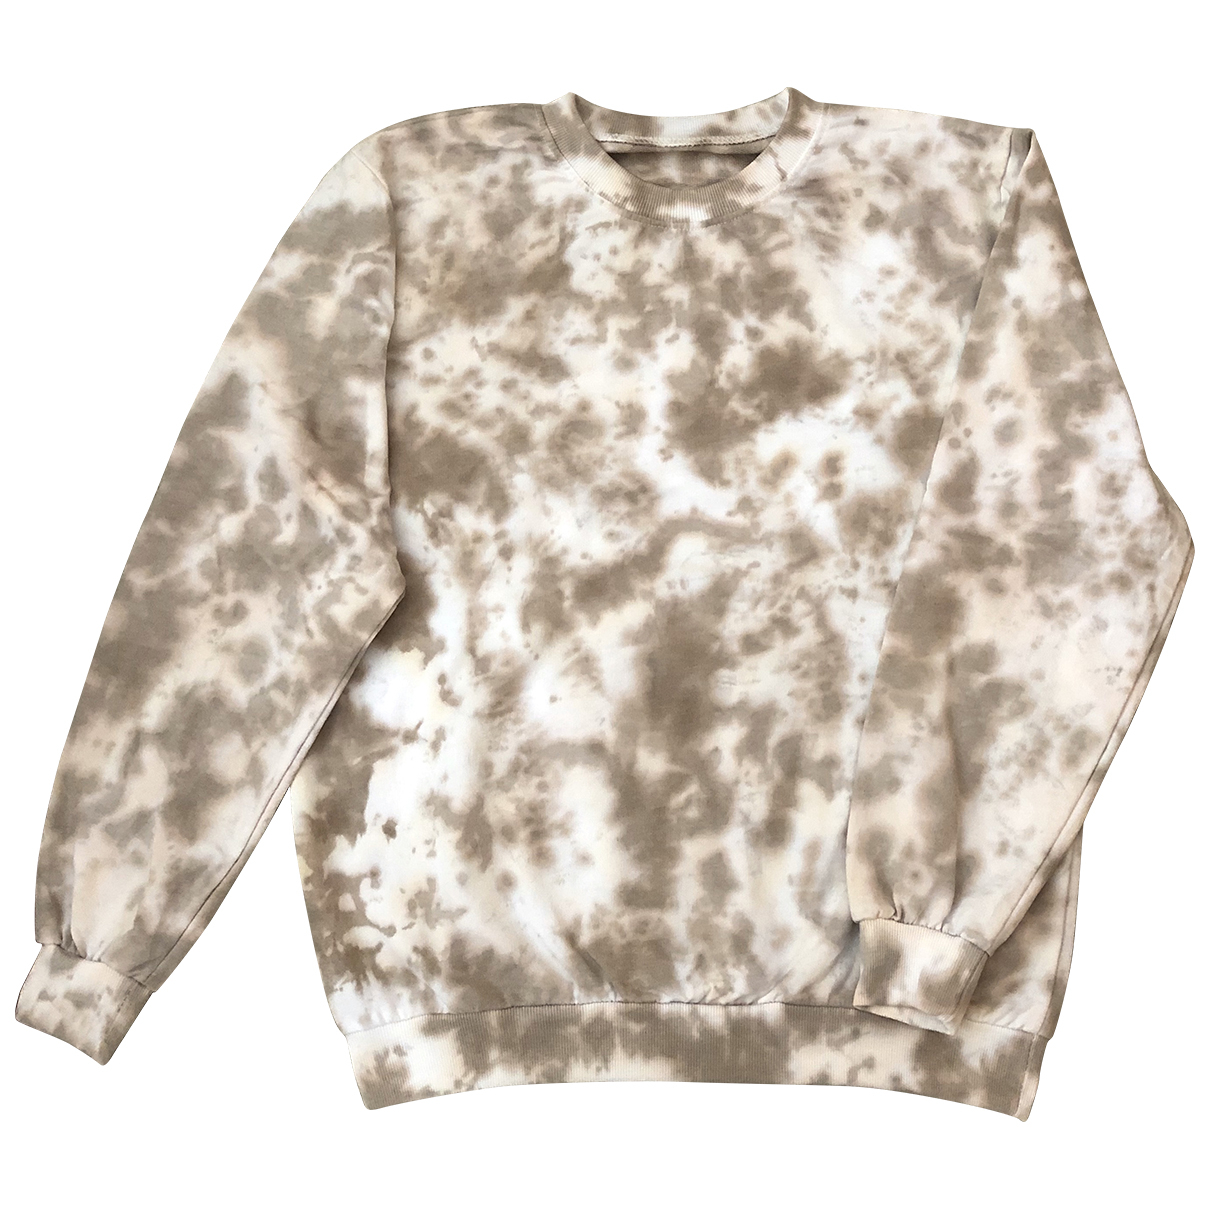 Reckless Minds N Brown Cotton Knitwear for Women XL International